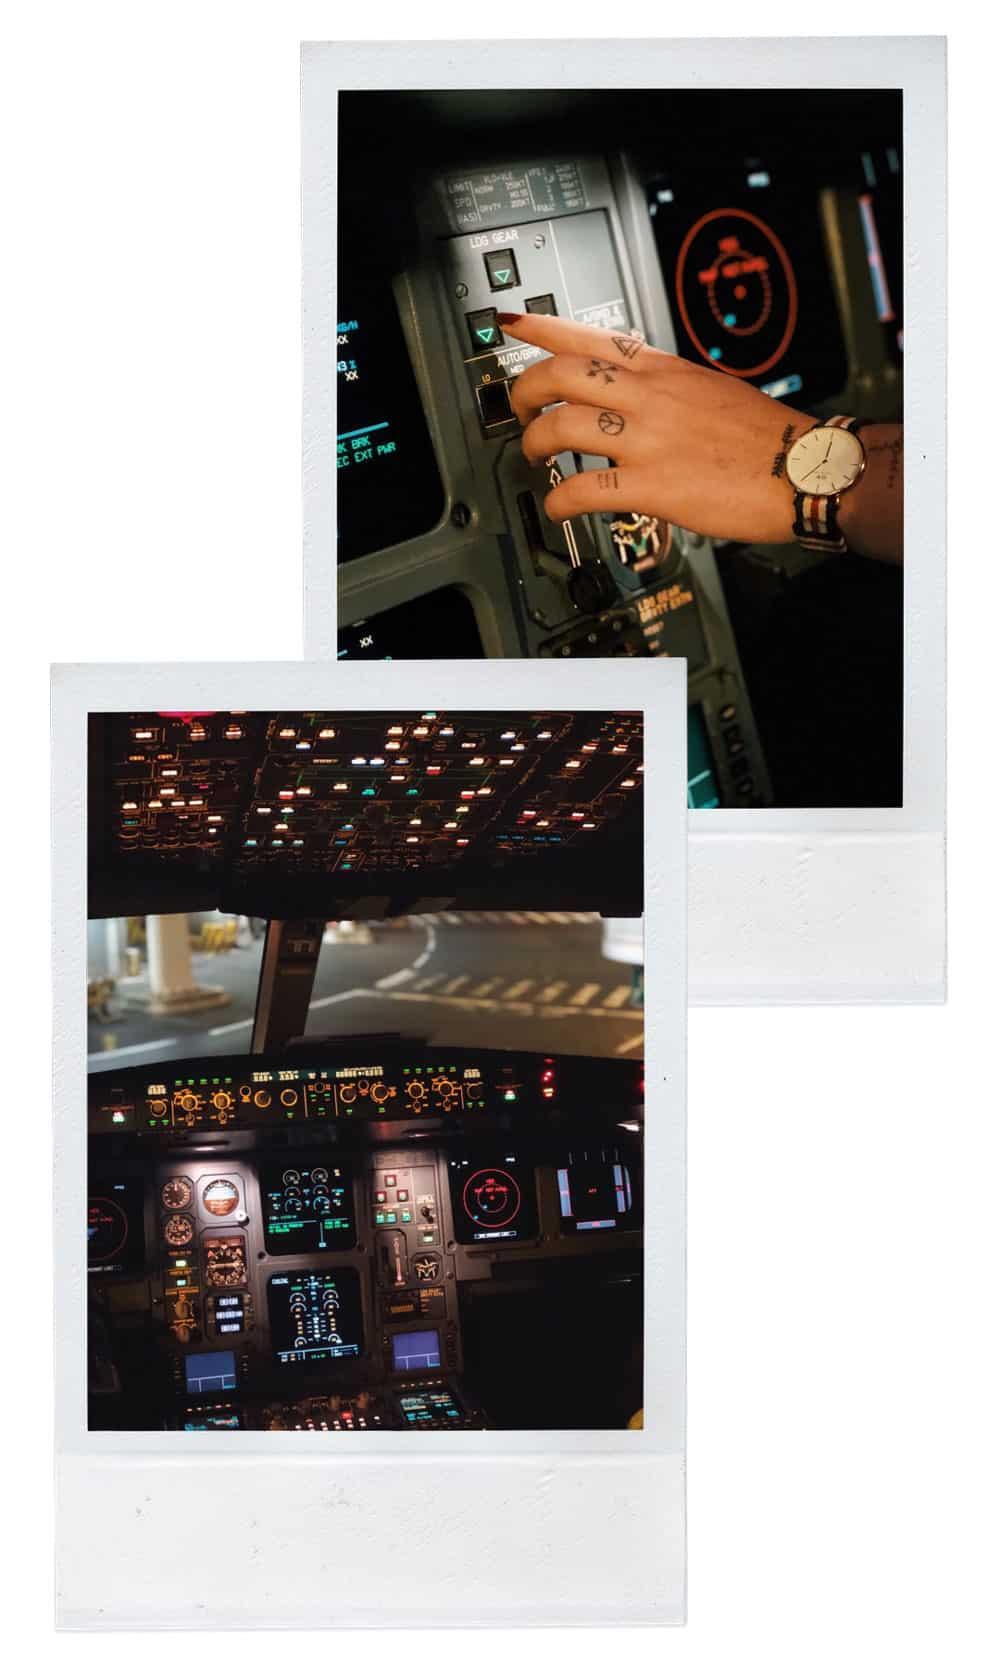 voyager avec compagnie XL Airways cockpit